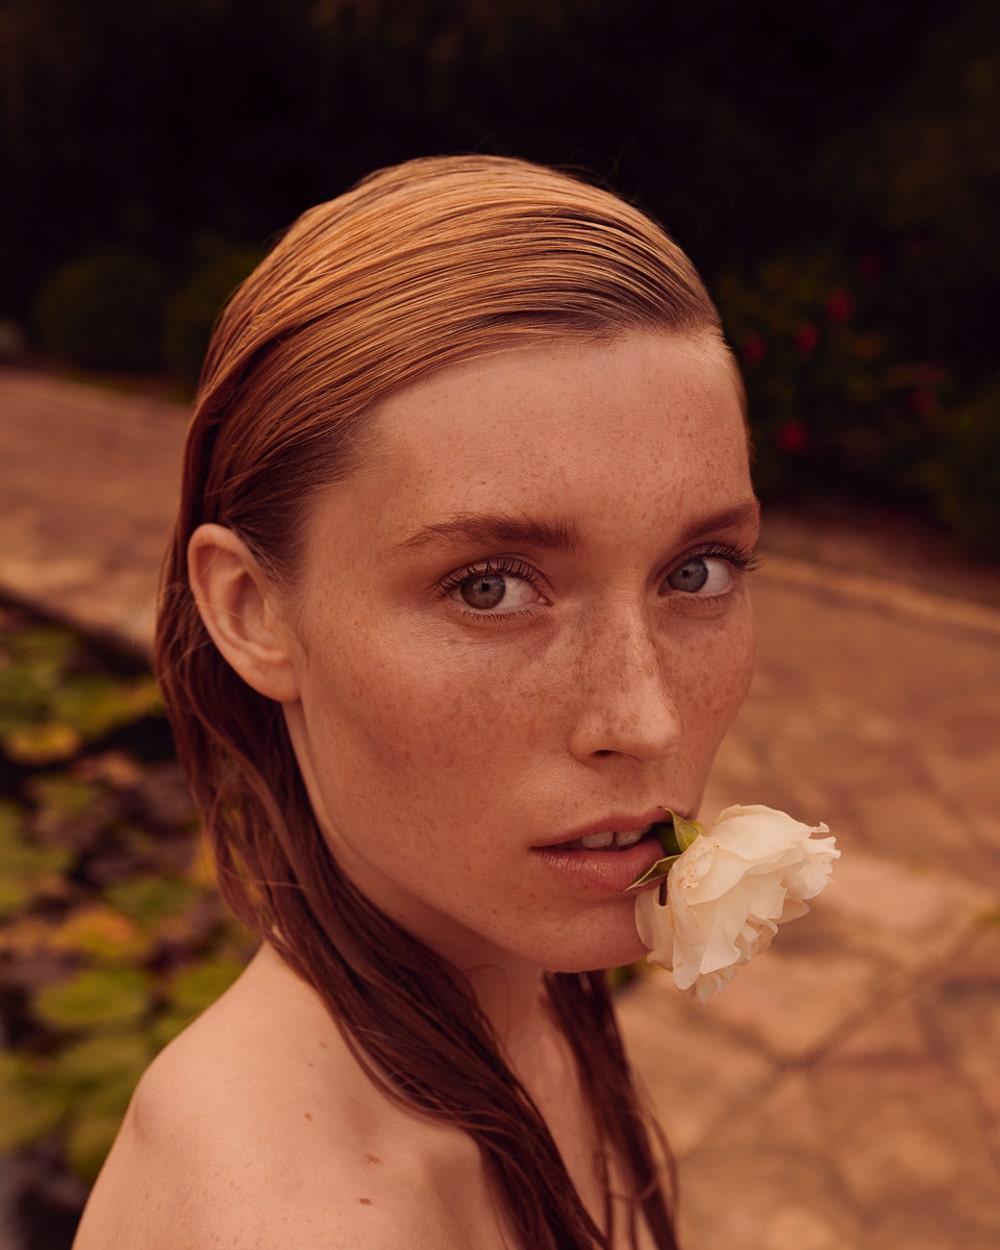 Caroline-Lossberg-Vogue-Portugal-Andreas-Ortner-8.jpg